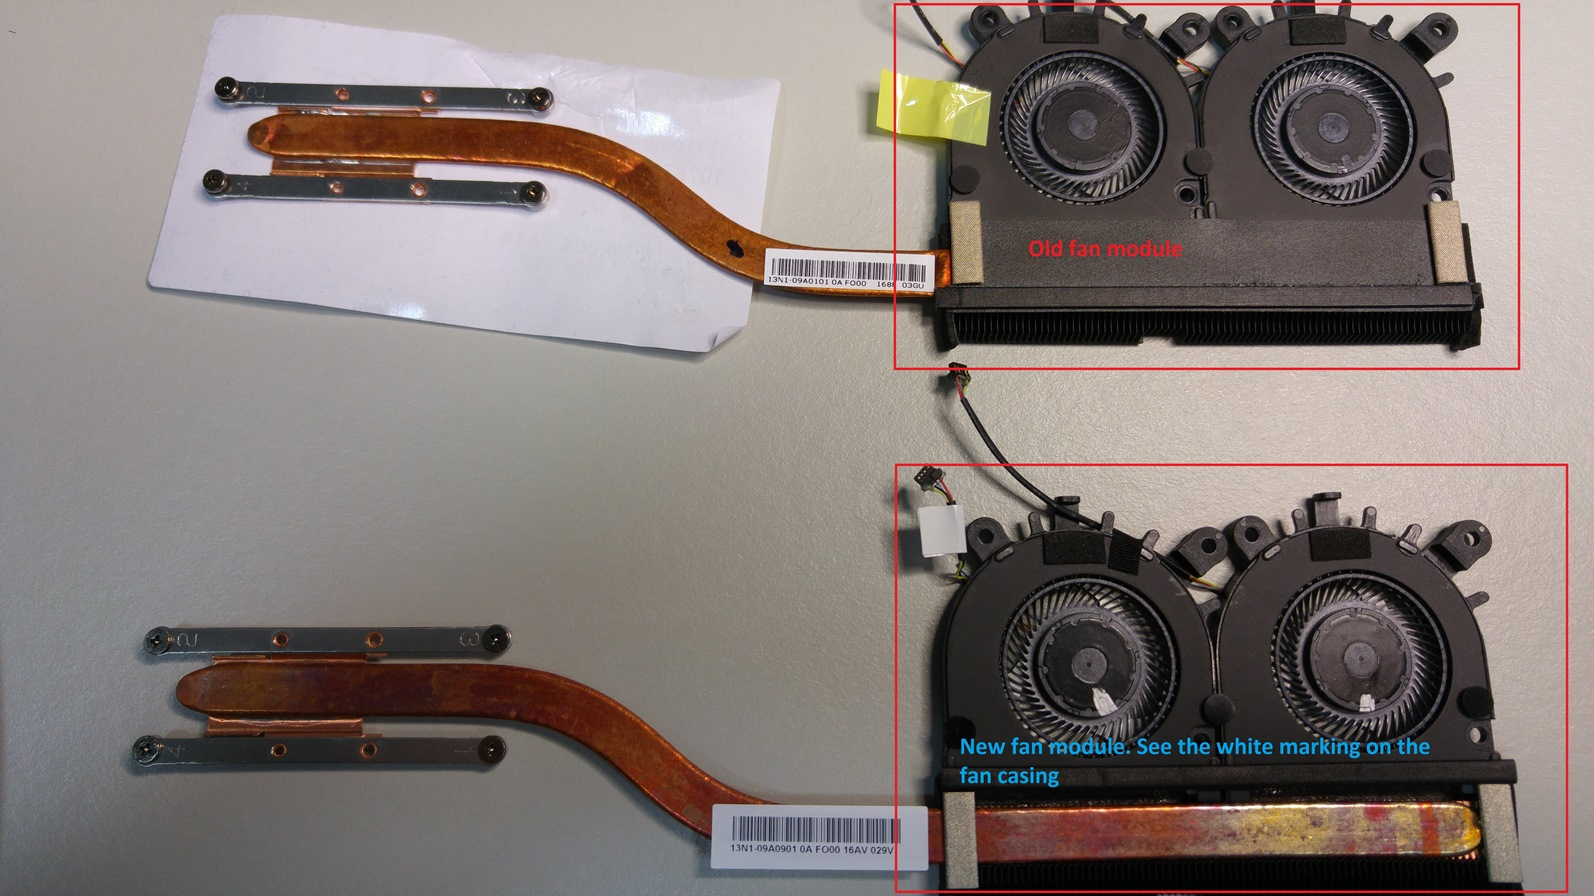 SF314-51 Fan Module